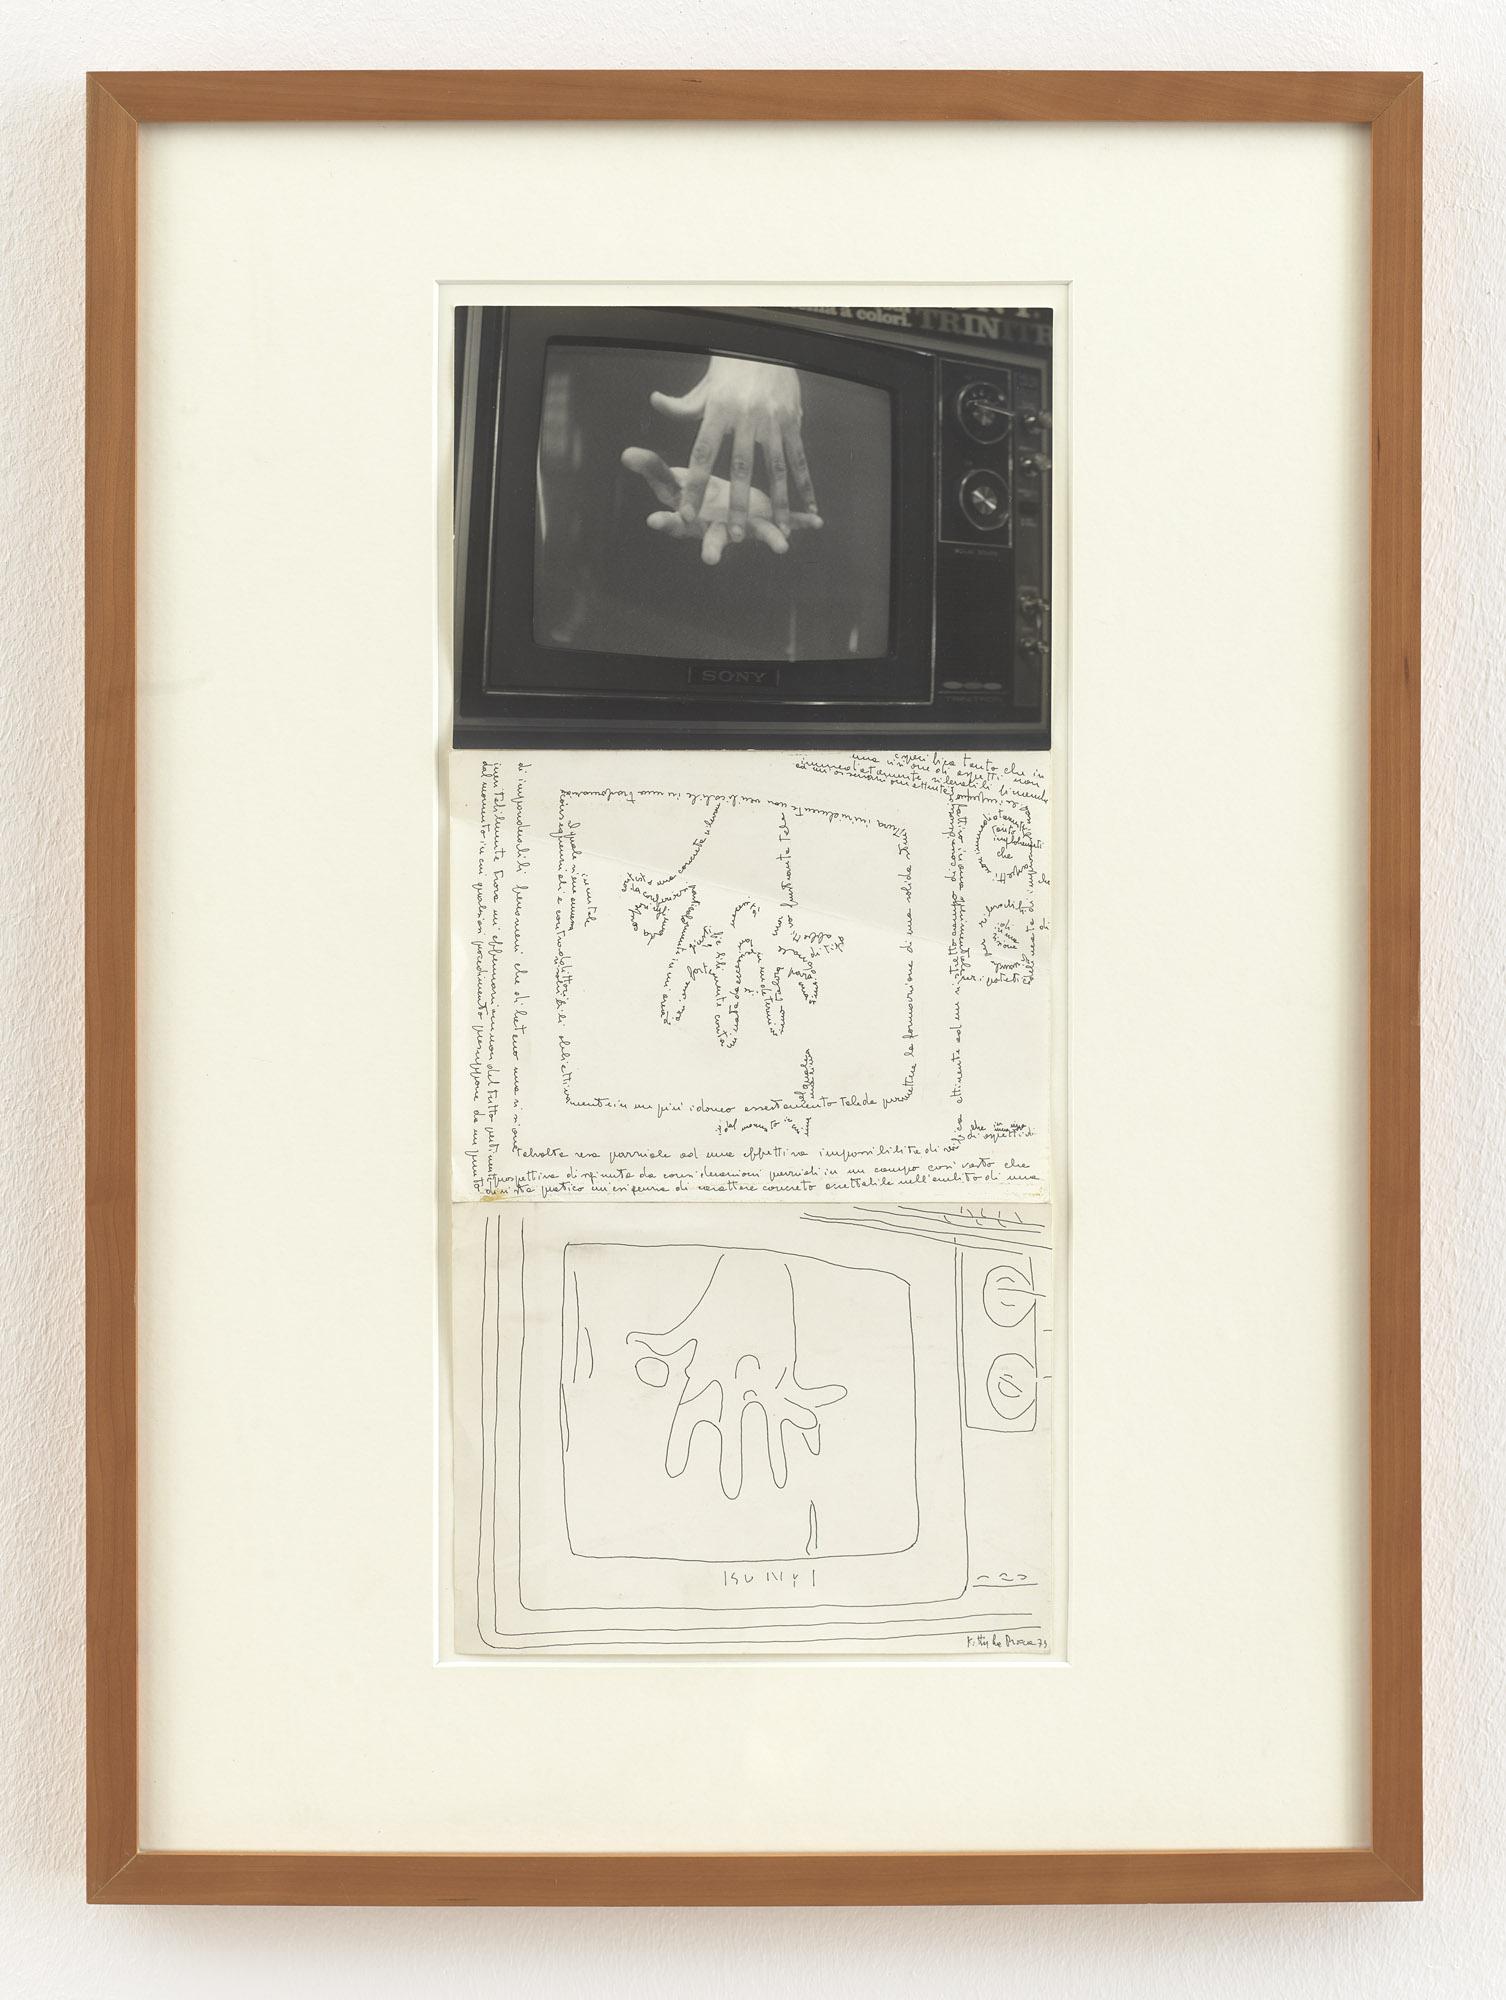 Video Sony di mani | 1973 | Fotografie und zwei Federzeichnungen | 53 x 23,5 cm